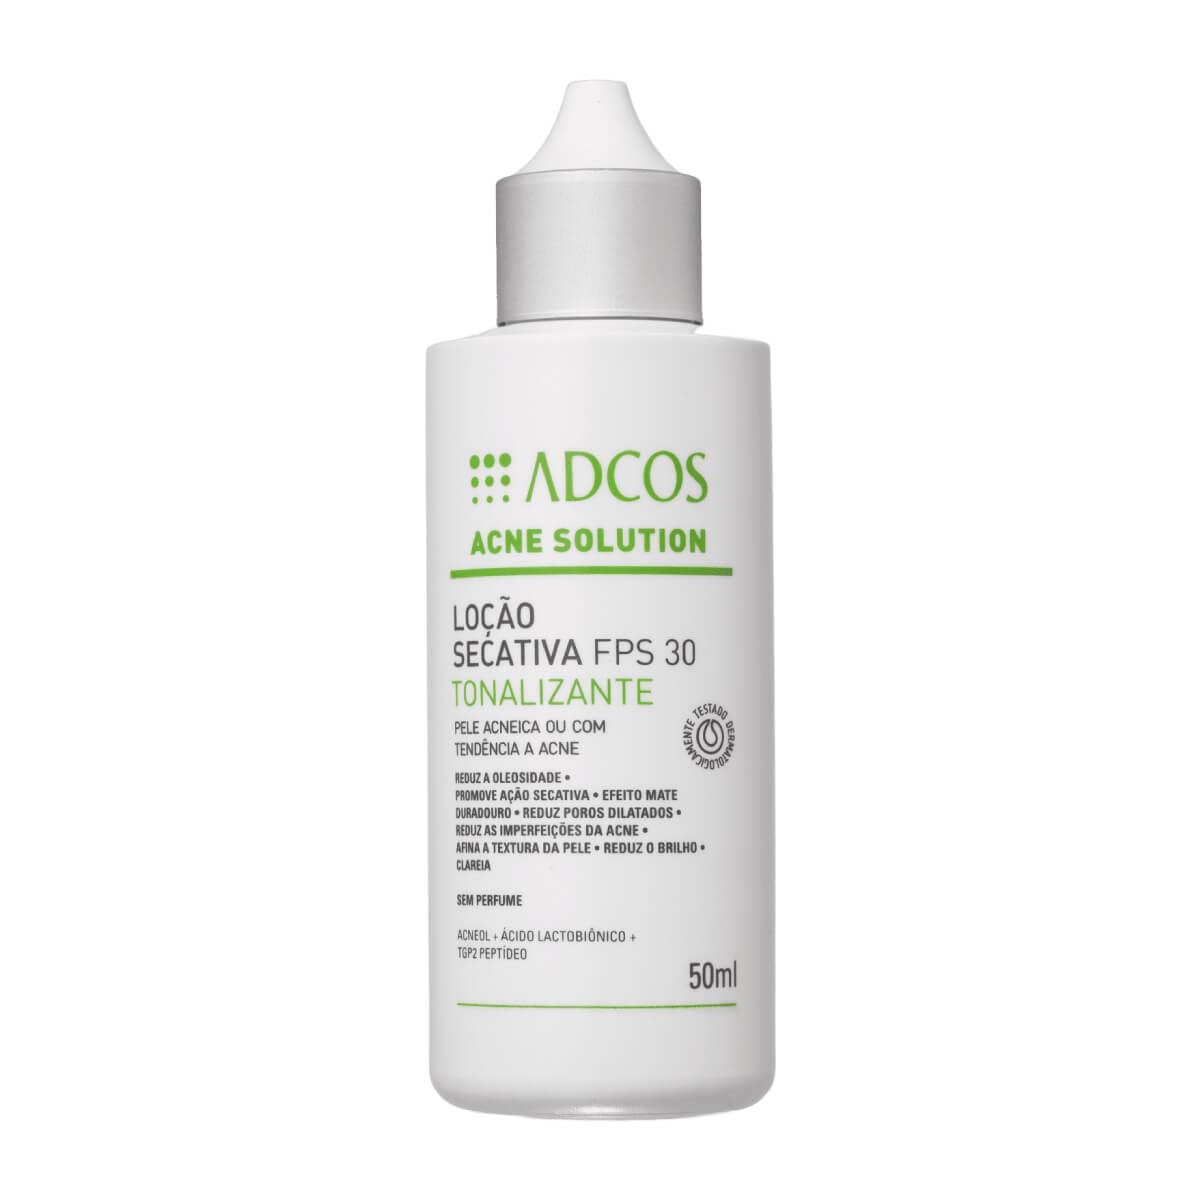 Loção Secativa Facial Adcos Tonalizante Acne Solutions FPS30 50ml